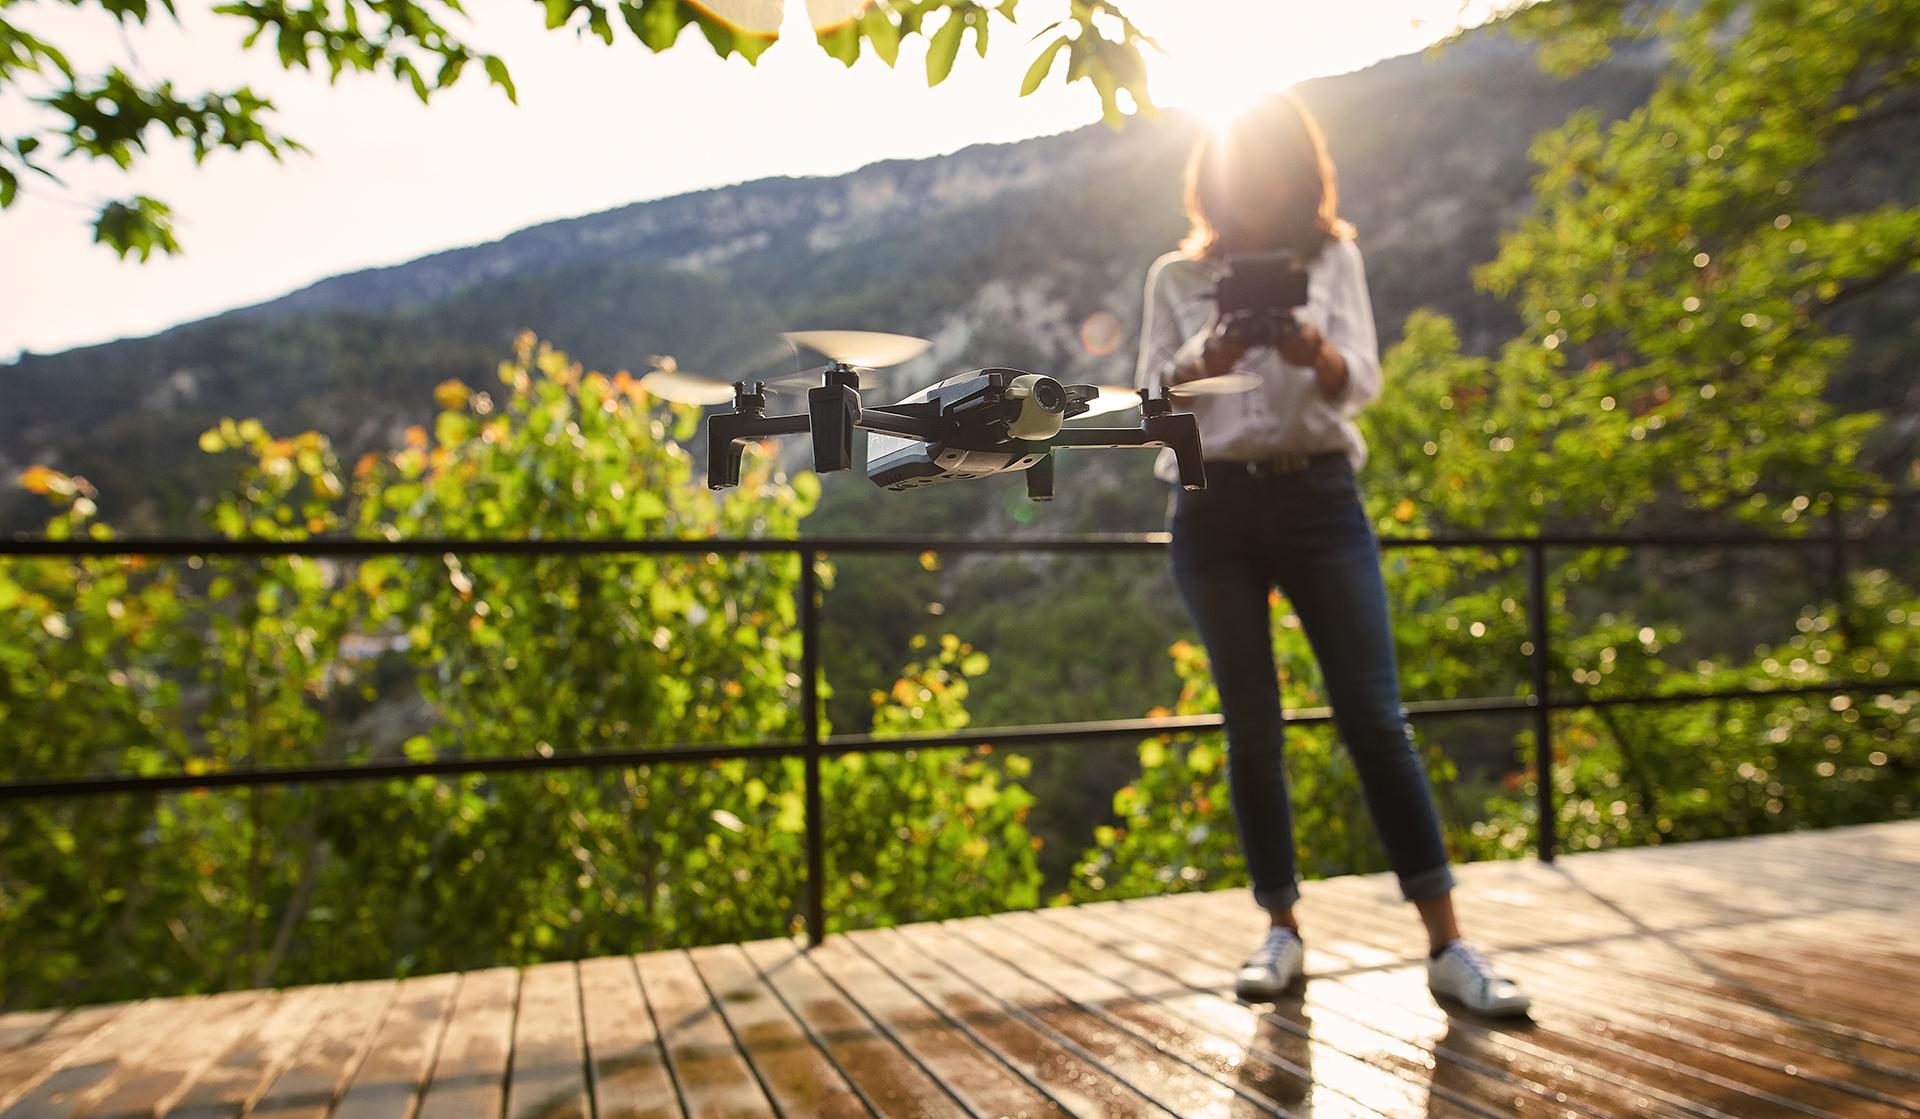 Promotion drone x pro singapore, avis drone parrot spider